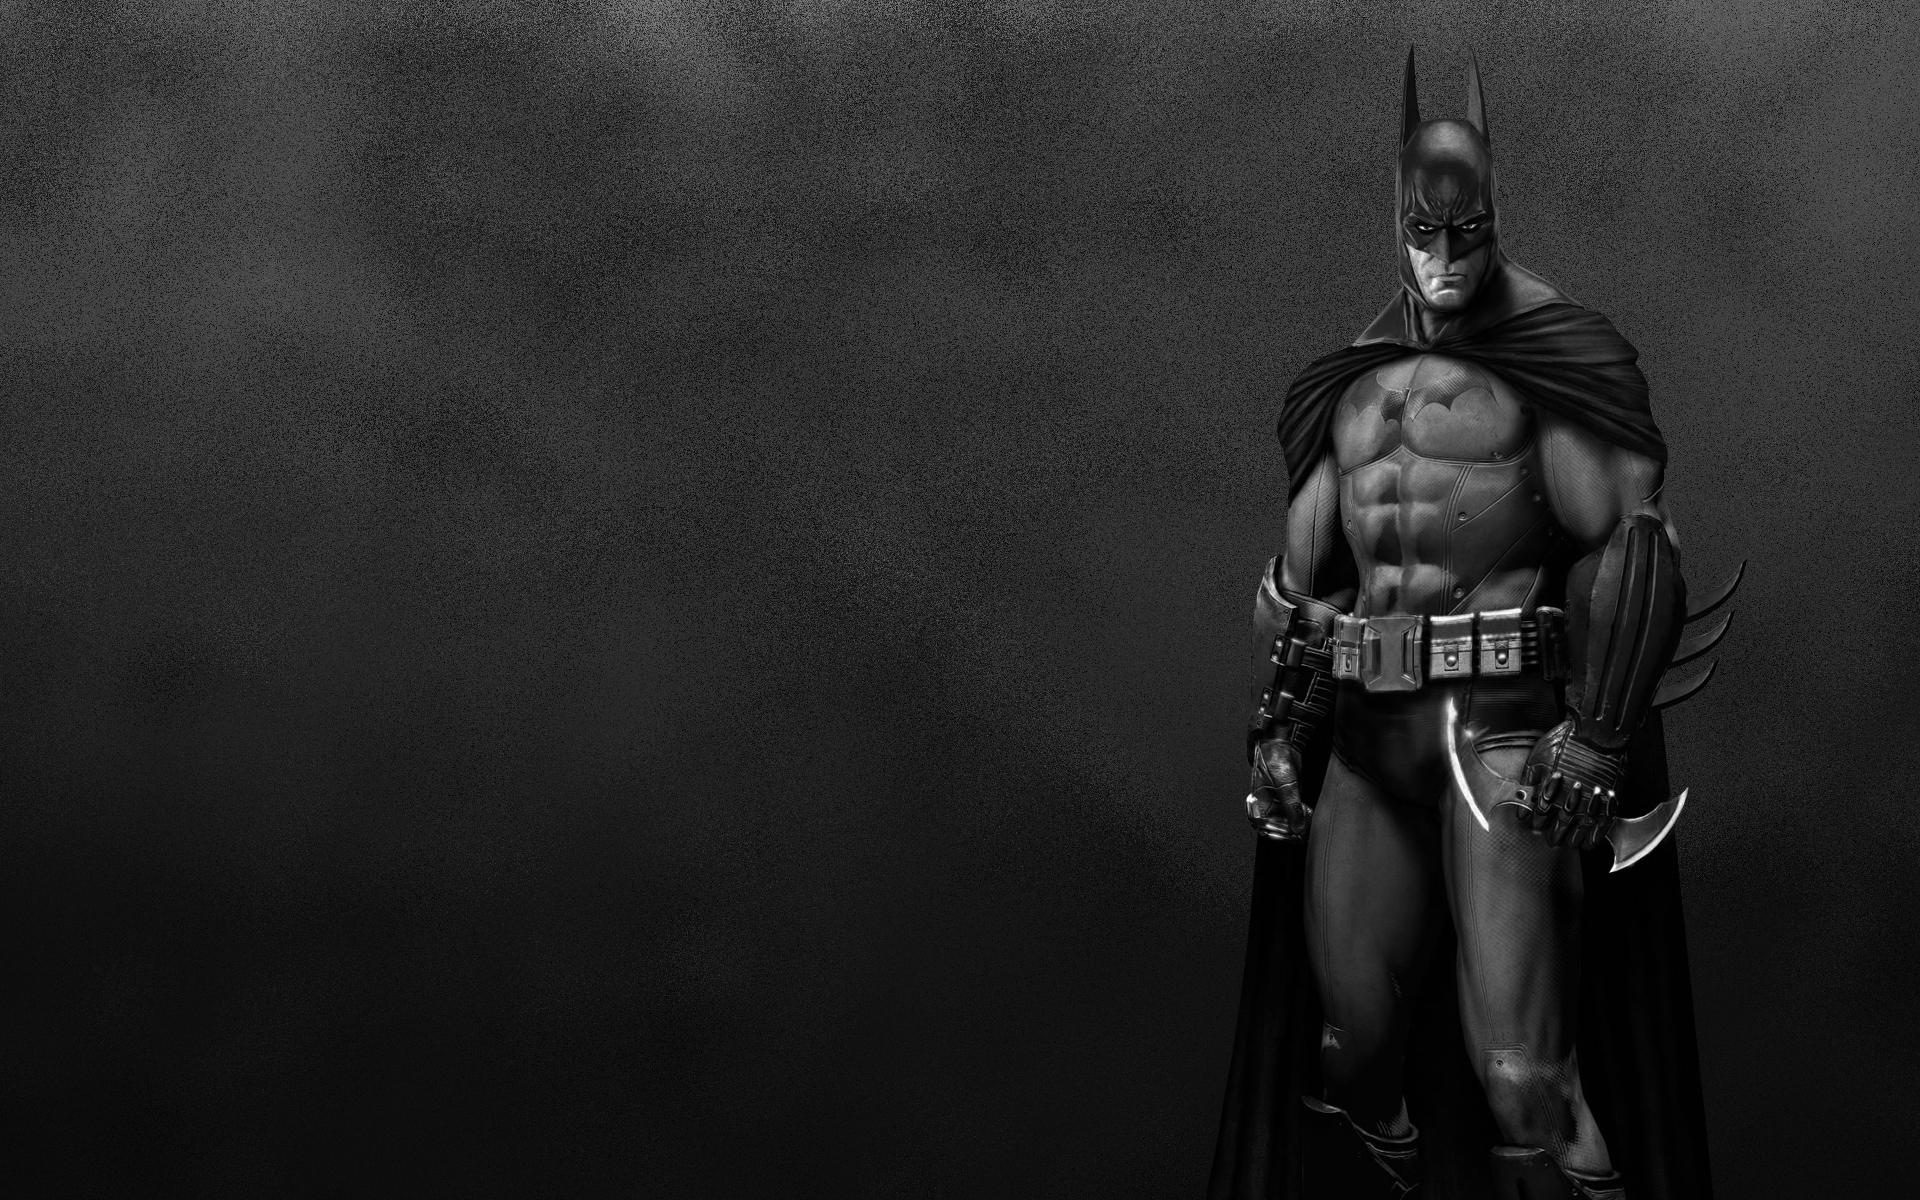 Black And White Batman Wallpaper Wallpapersafari